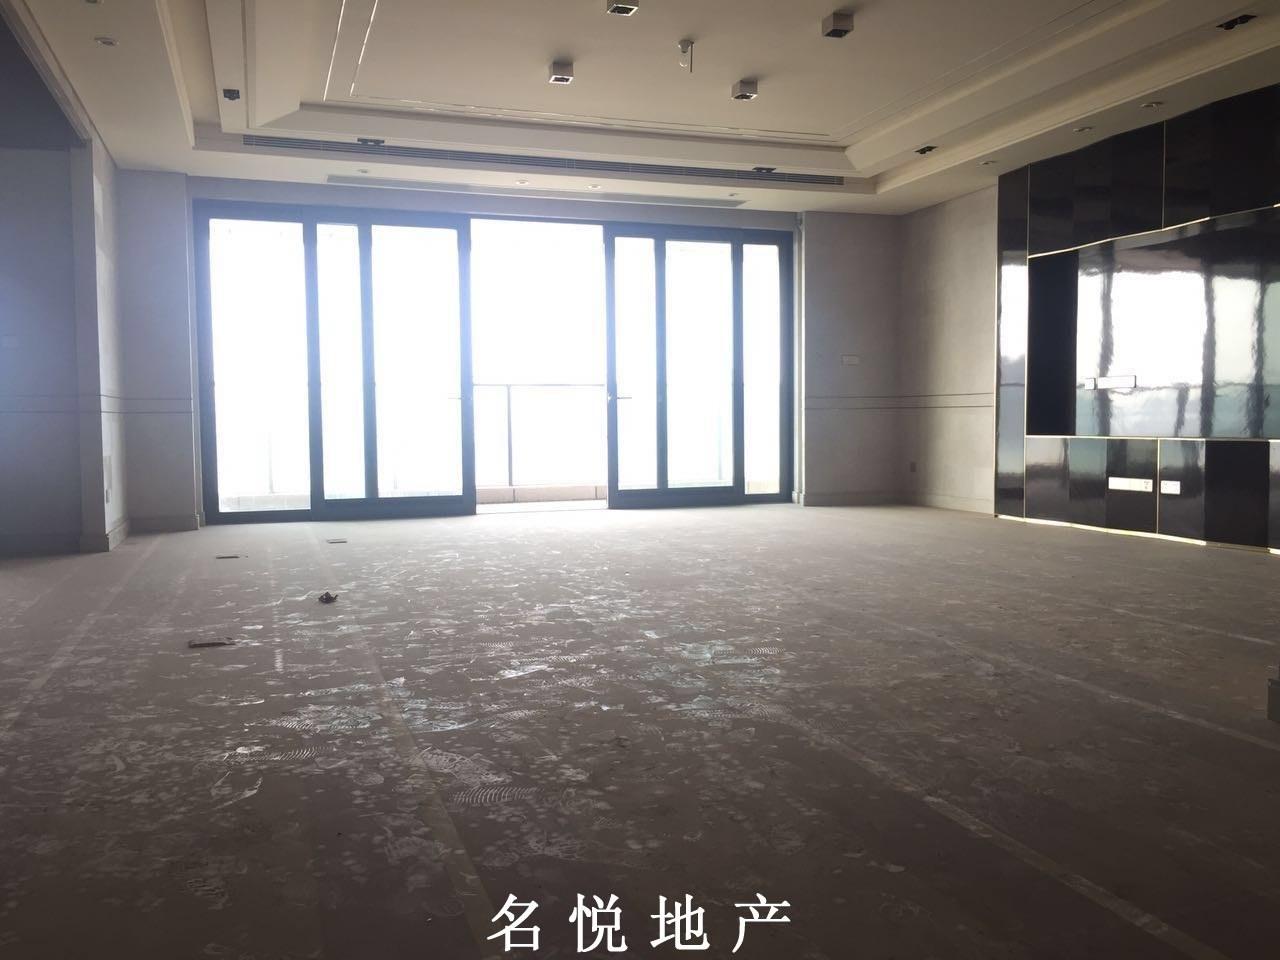 保利天悦 琶洲  一线江景全新未住 少有出售 随时看房!